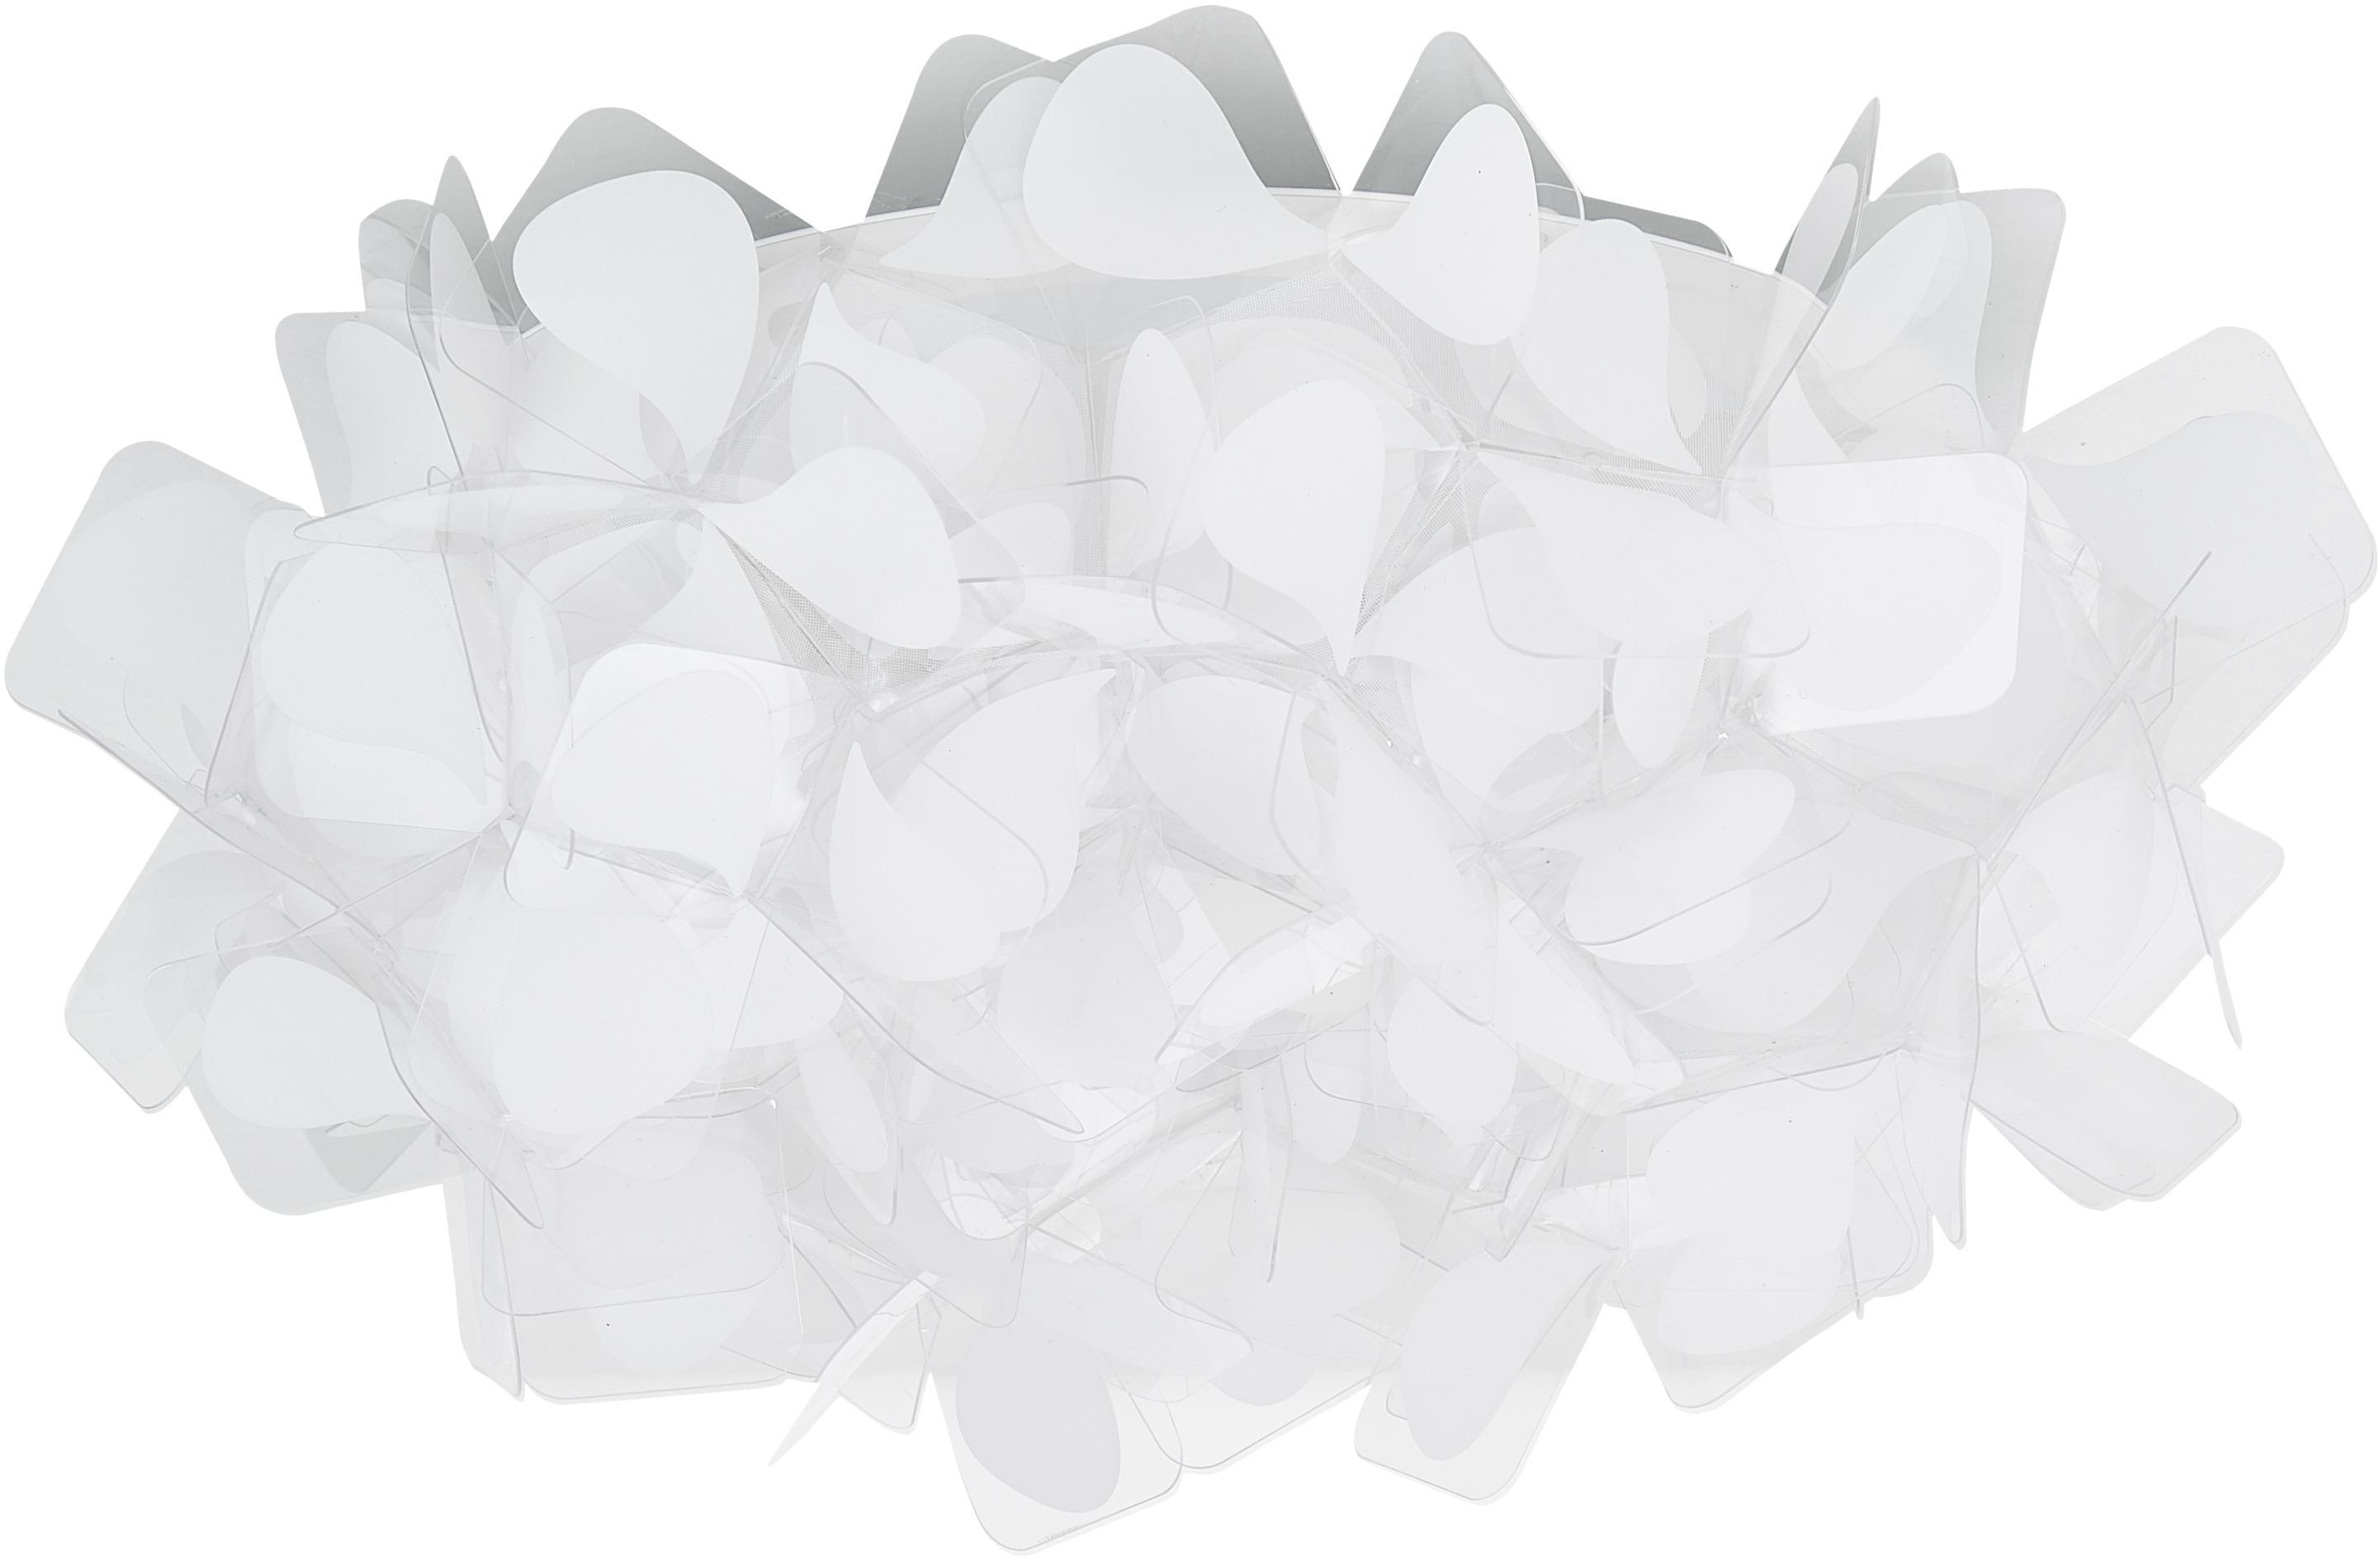 Lampada da parete e soffitto Clizia Mama Non Mama, Tecnopolimero Opalflex®, riciclabile, infrangibile, flessibile, con rivestimento antistatico, resistente ai raggi UV e al calore, Bianco, grigio, Ø 32 x Prof. 15 cm